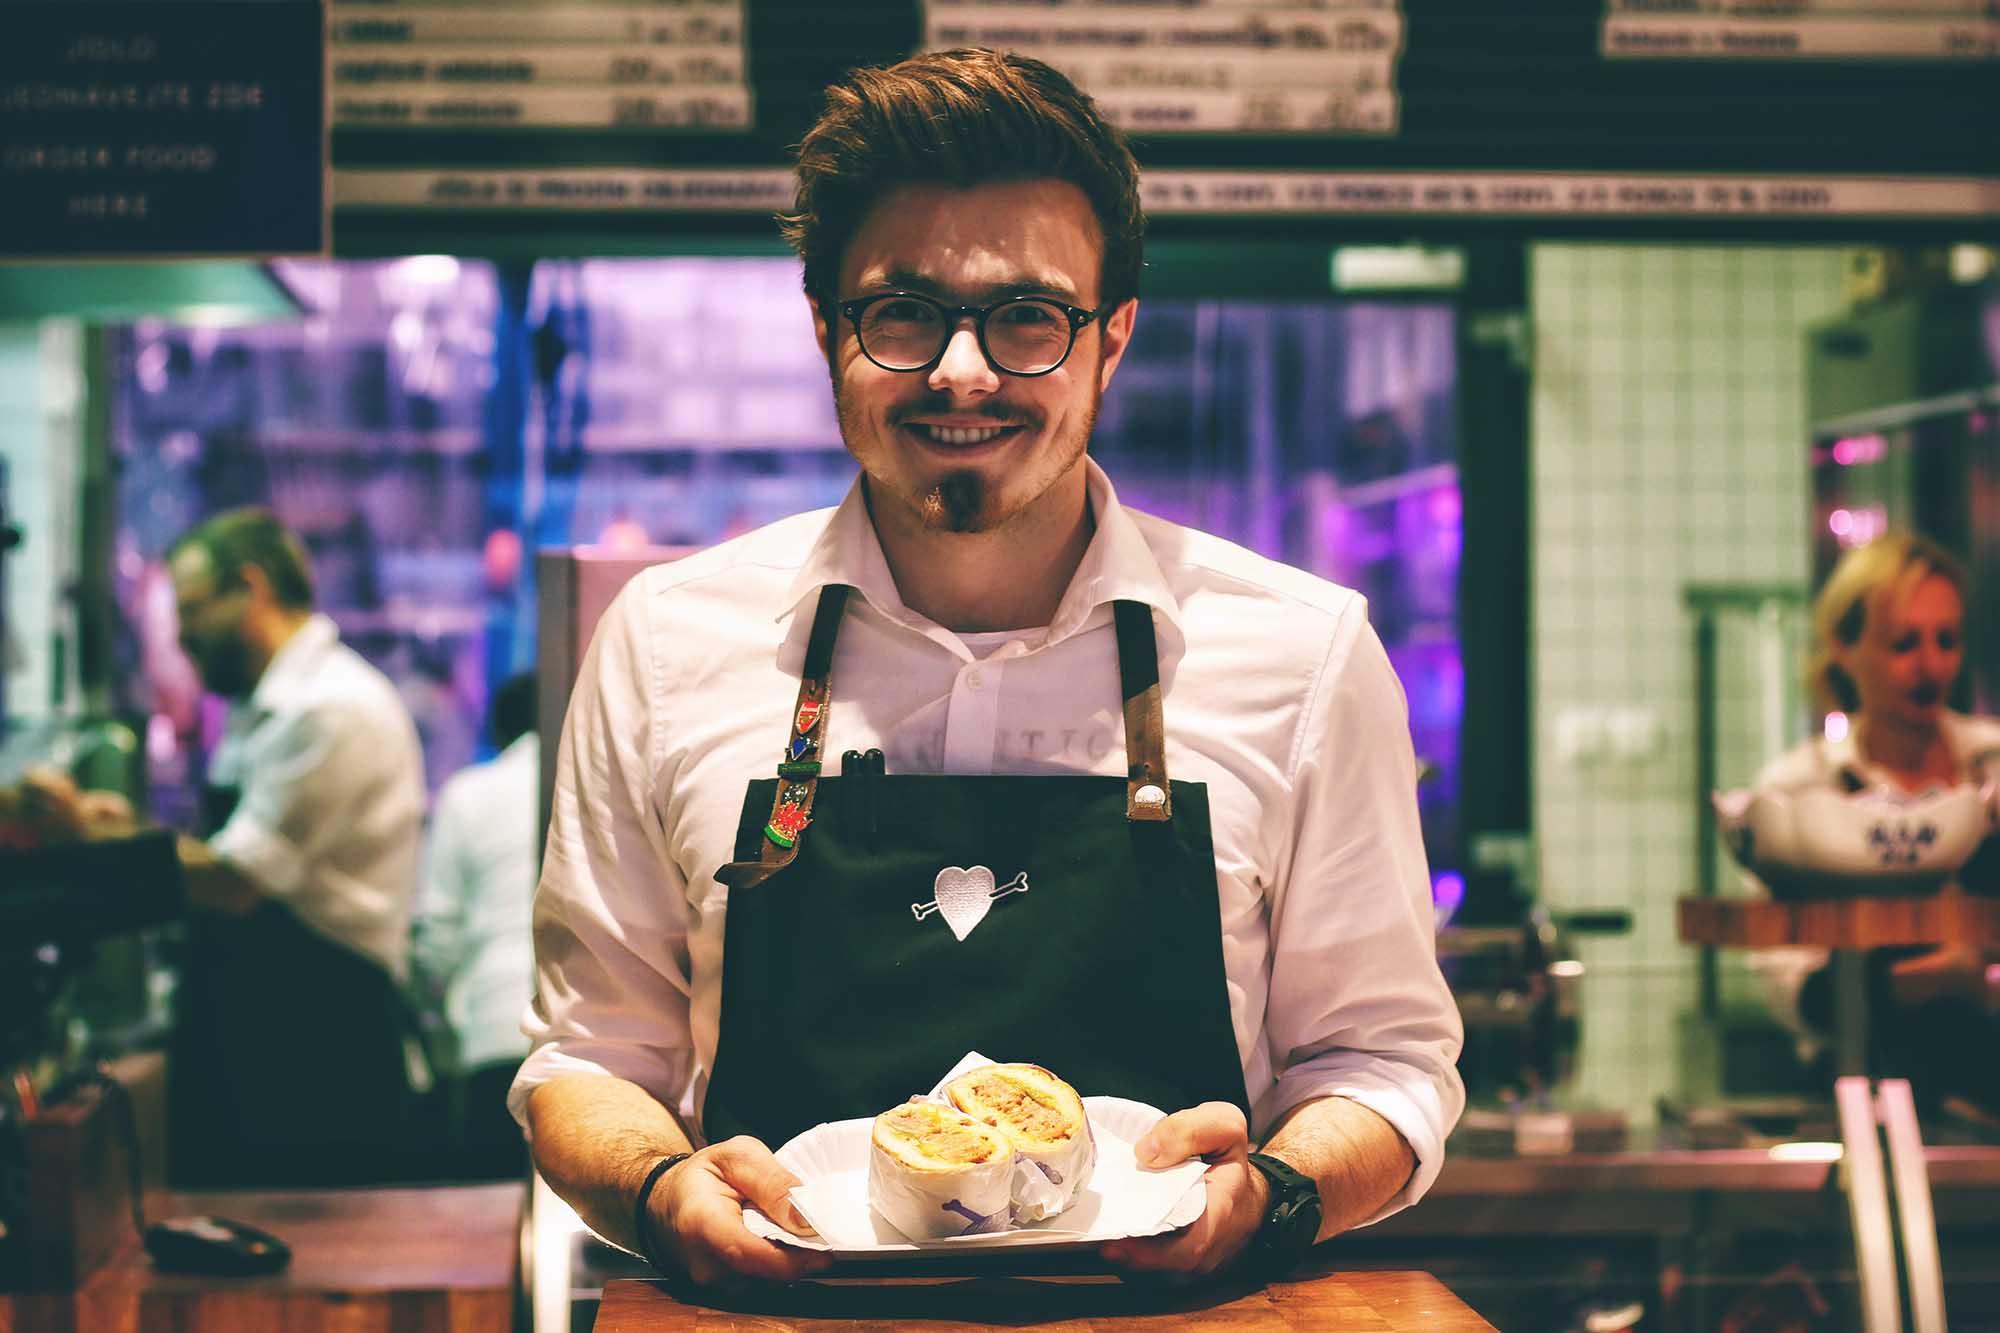 tipjar waiter